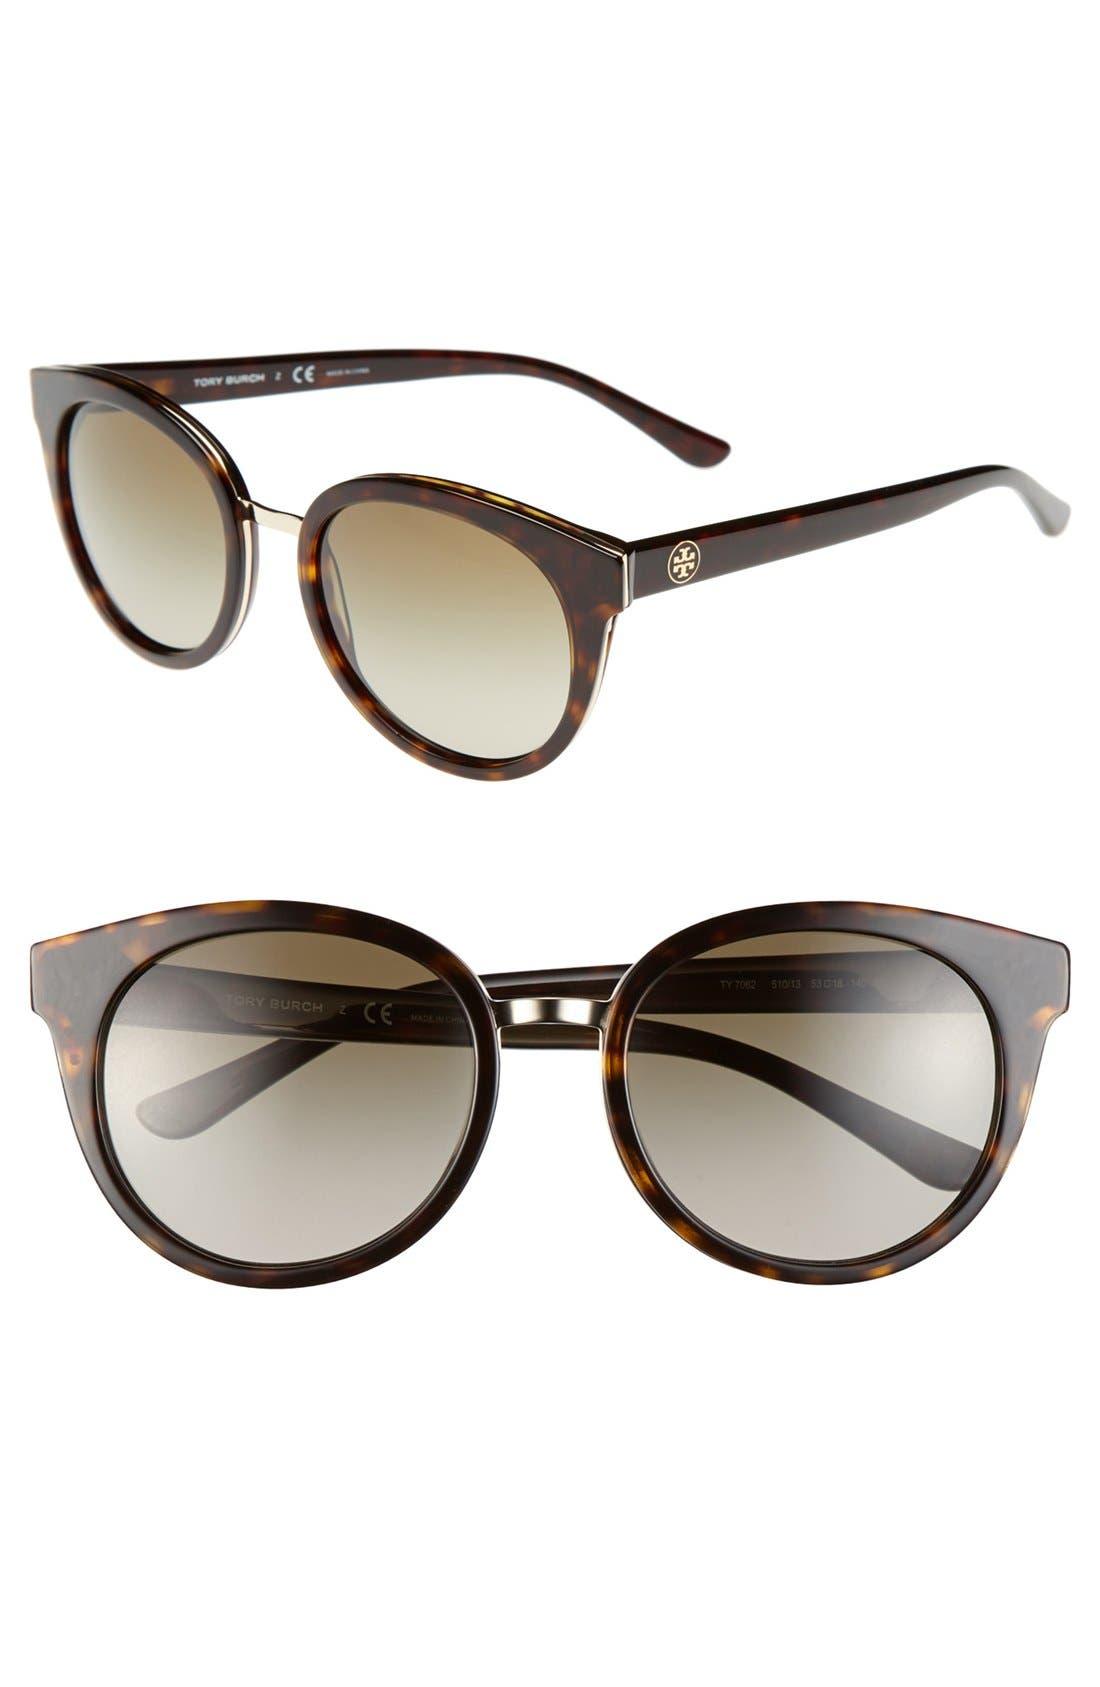 Main Image - Tory Burch 'Phantos' 53mm Retro Sunglasses